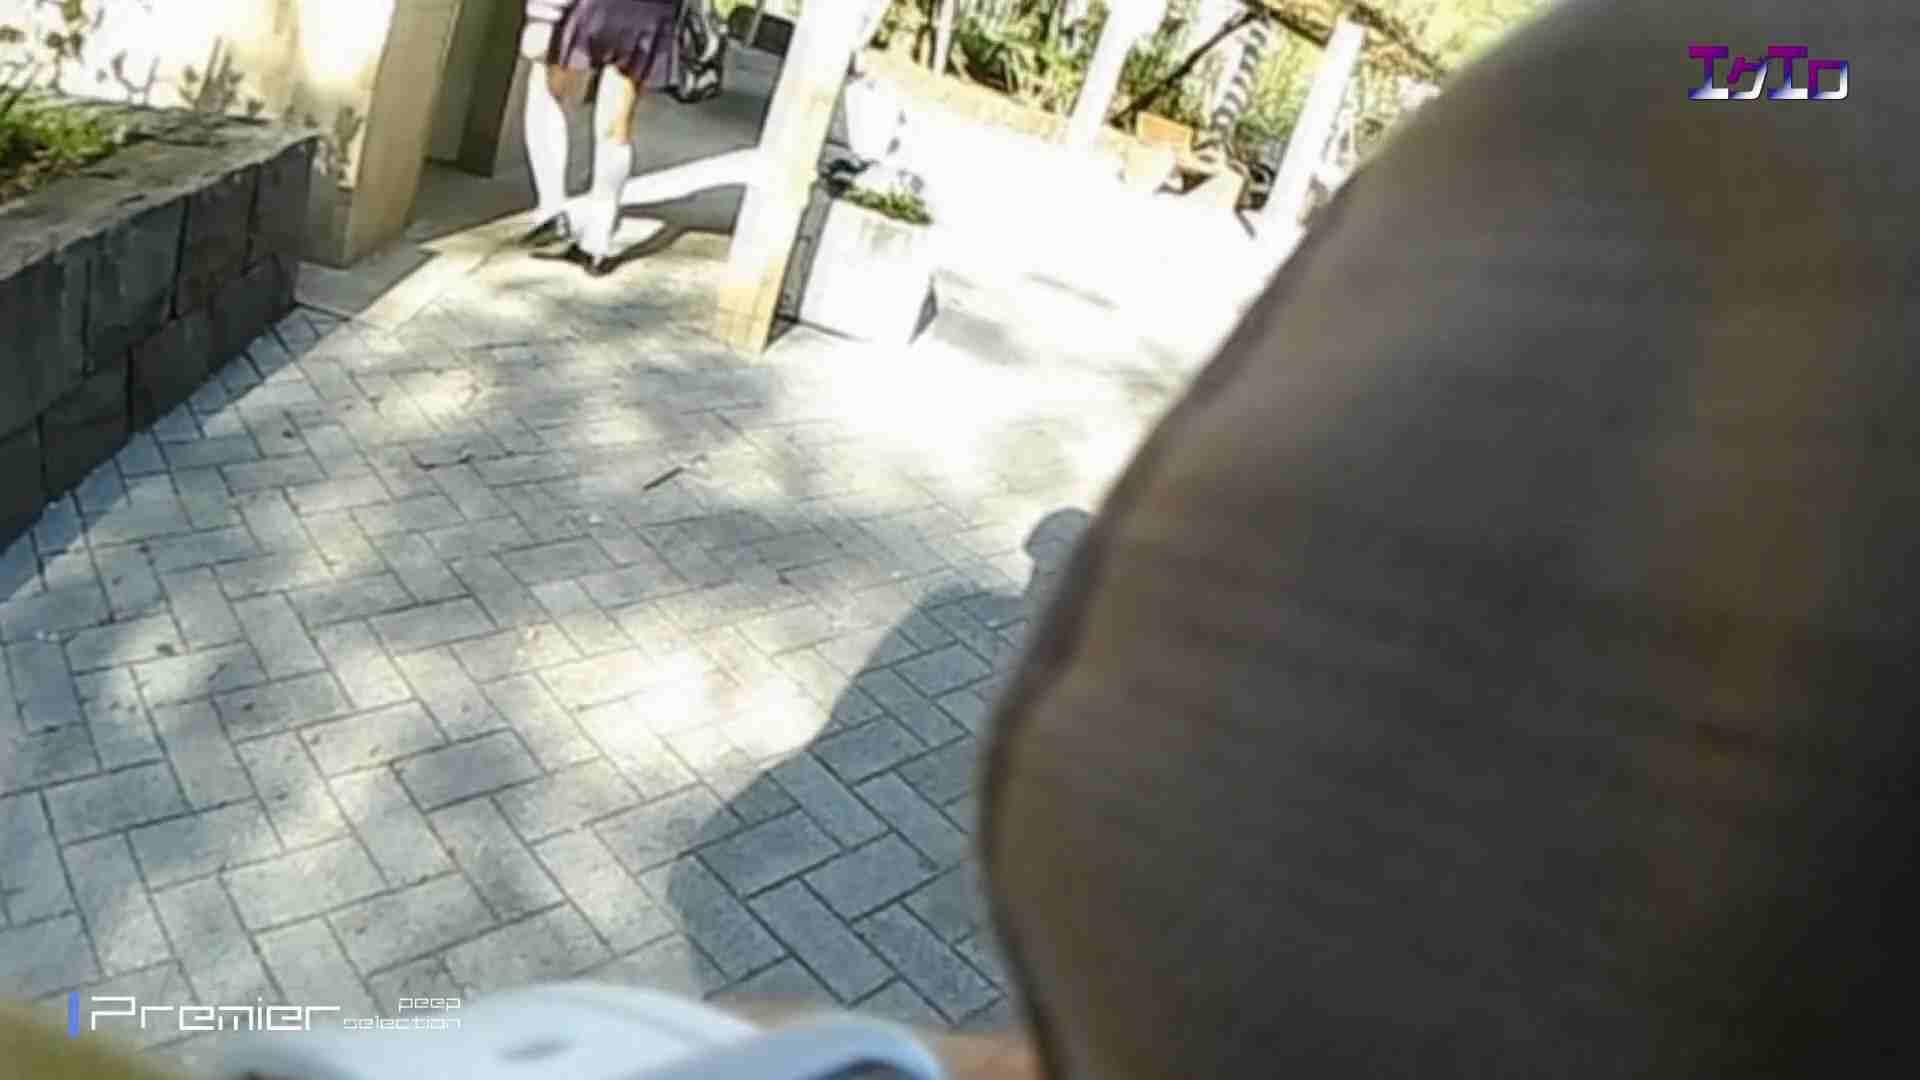 執念の撮影&追撮!!某女子校の通学路にあるトイレ 至近距離洗面所 Vol.16 リアルトイレ  101Pix 7